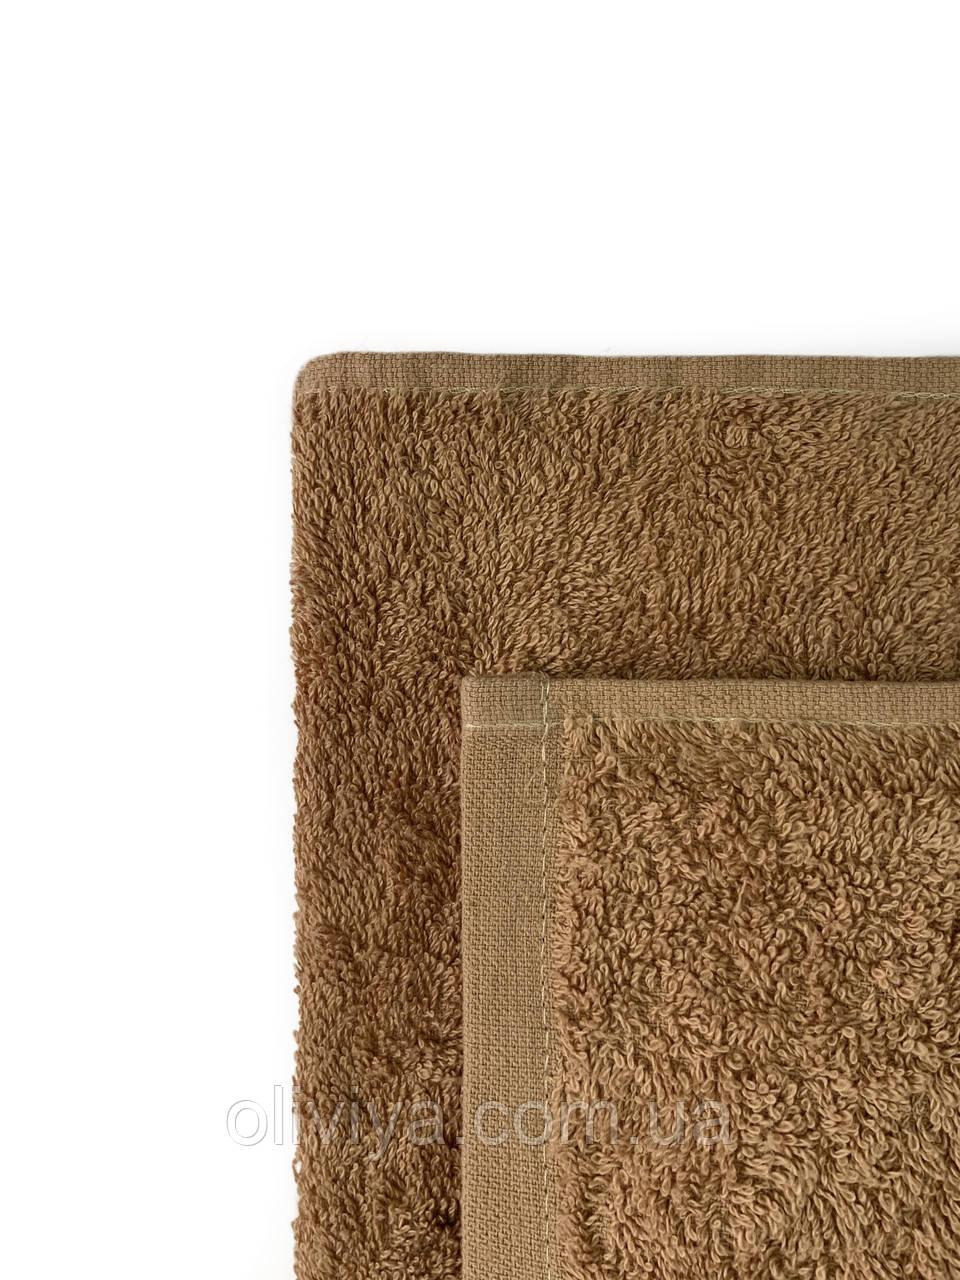 Простирадло махрова бавовна бежевого кольору 190х220